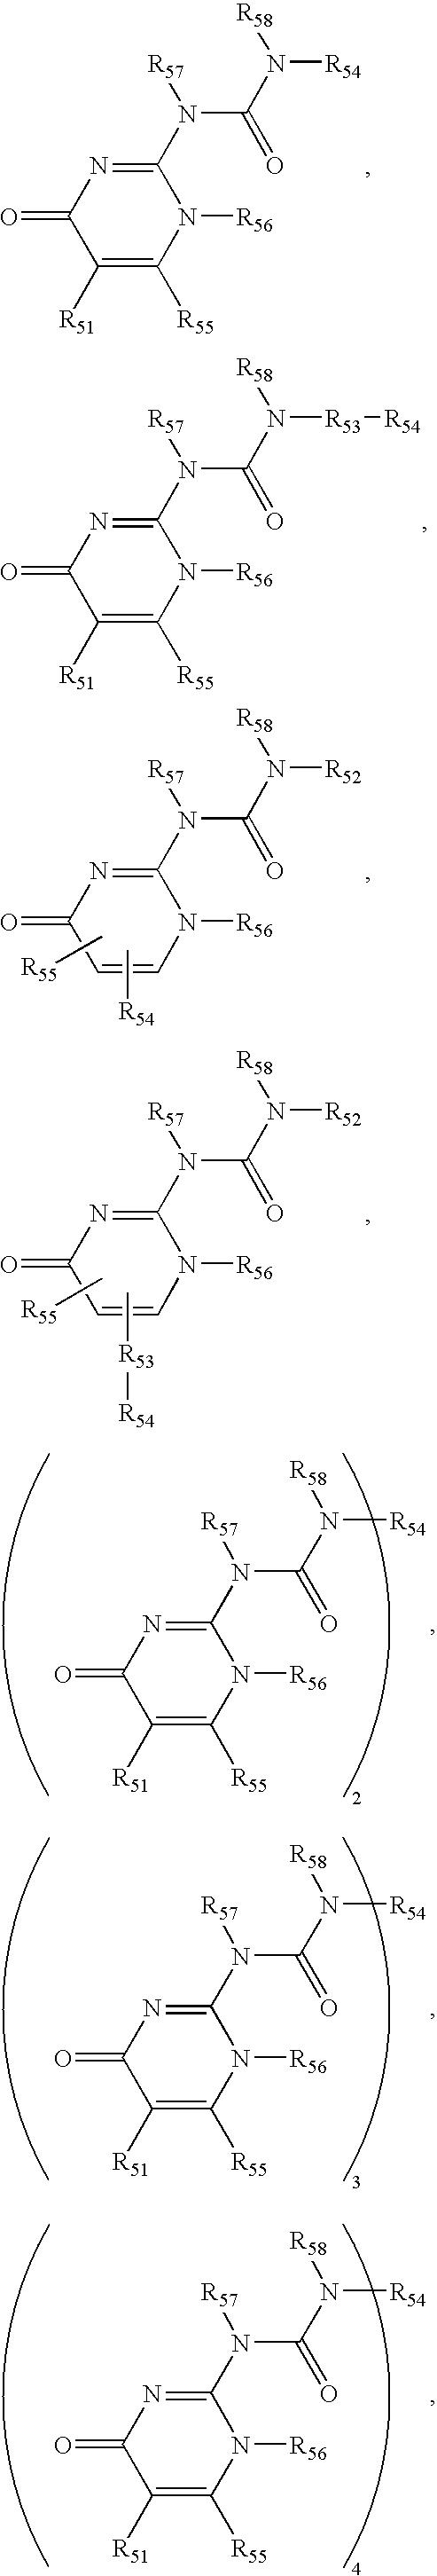 Figure US20040065227A1-20040408-C00141